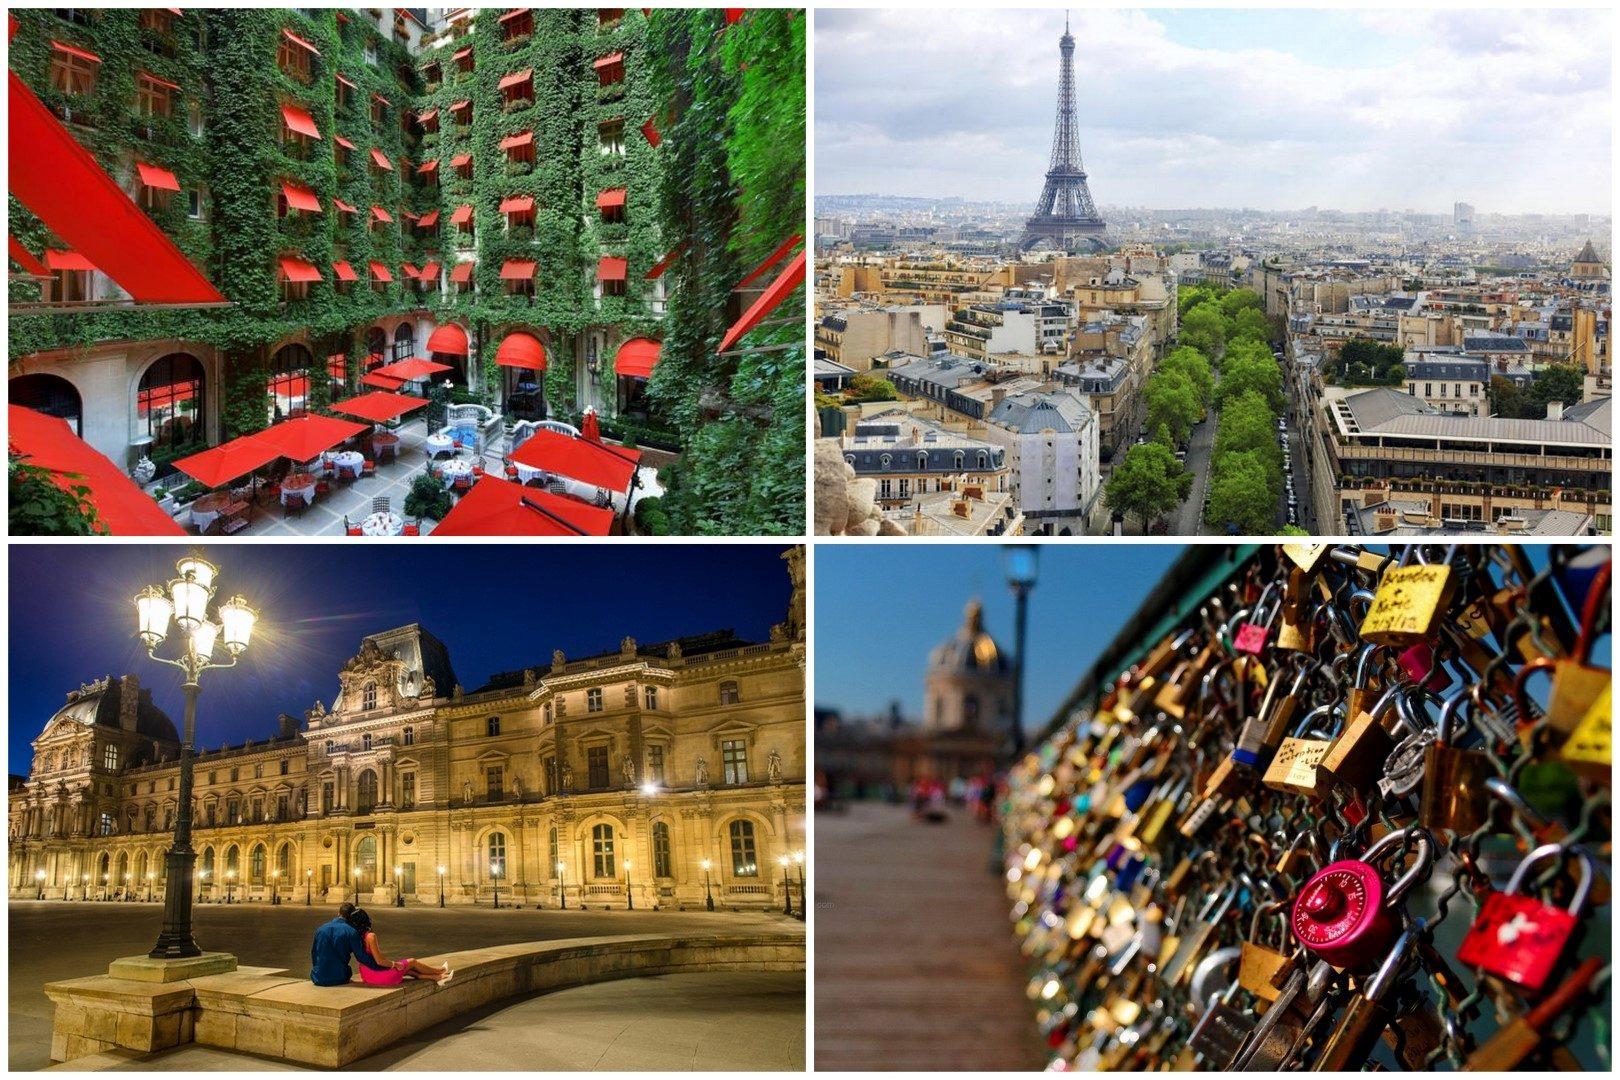 ,naszut 2017,parizs,naszutas uti célok,naszutas helyek,romantikus uti célok,romantikus naszut,naszut,